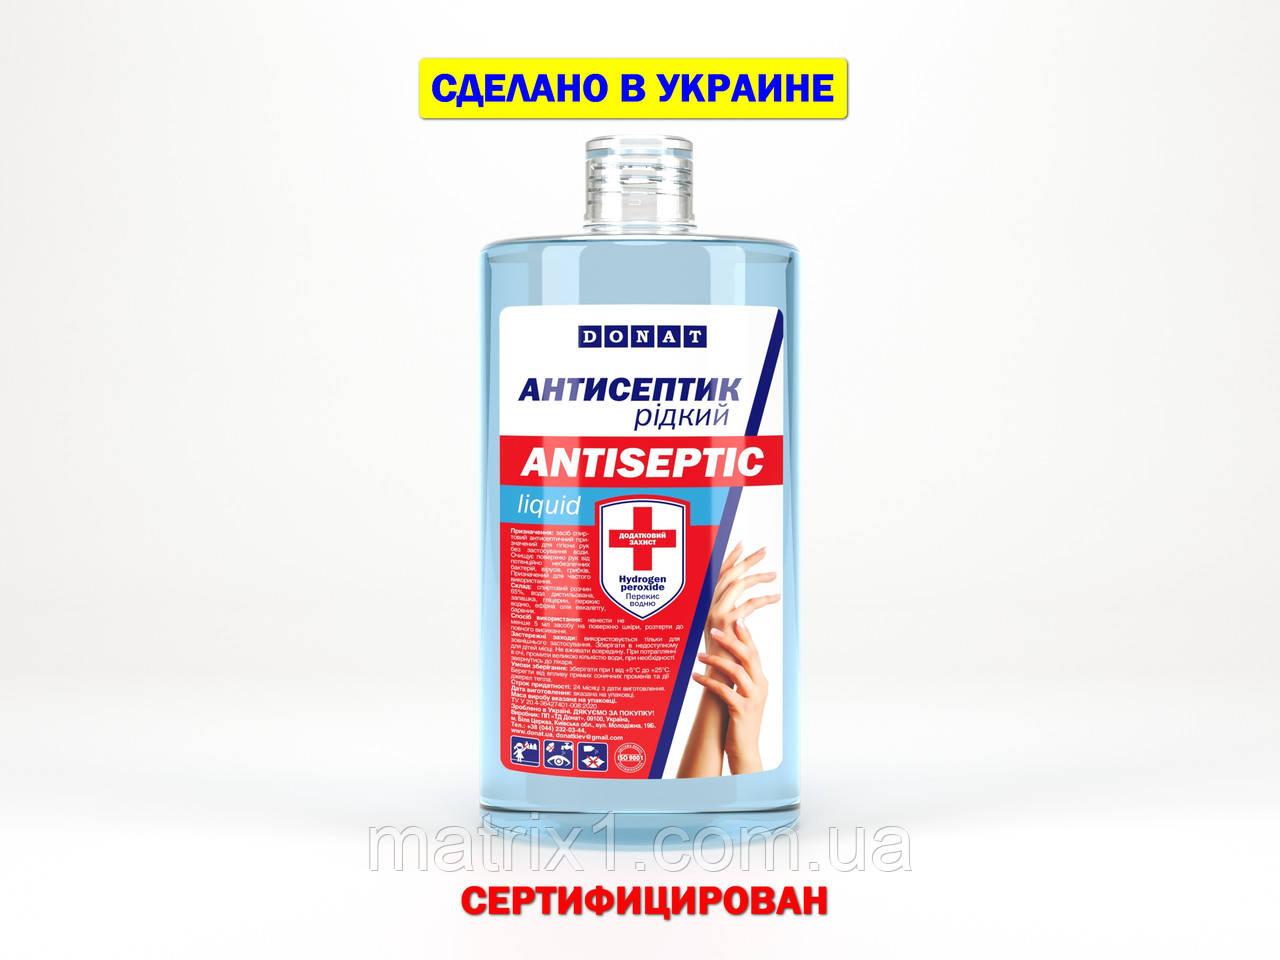 Антисептик 1 л (санитайзер) жидкий для рук 65% спирта DONAT